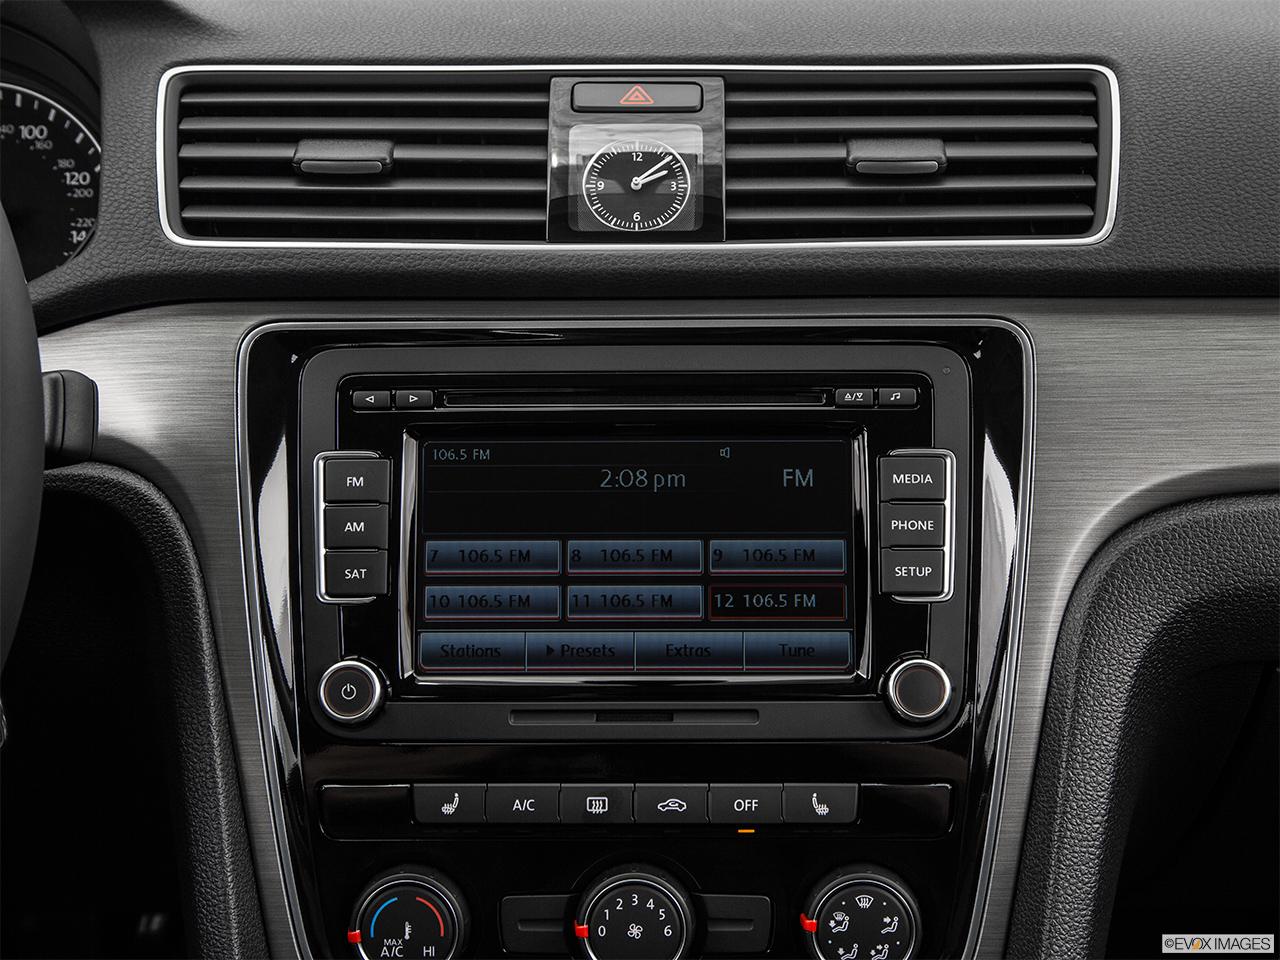 2015 volkswagen passat 1 8t manual sport sedan front angle view rh carnow com volkswagen passat radio manual volkswagen passat radio manual